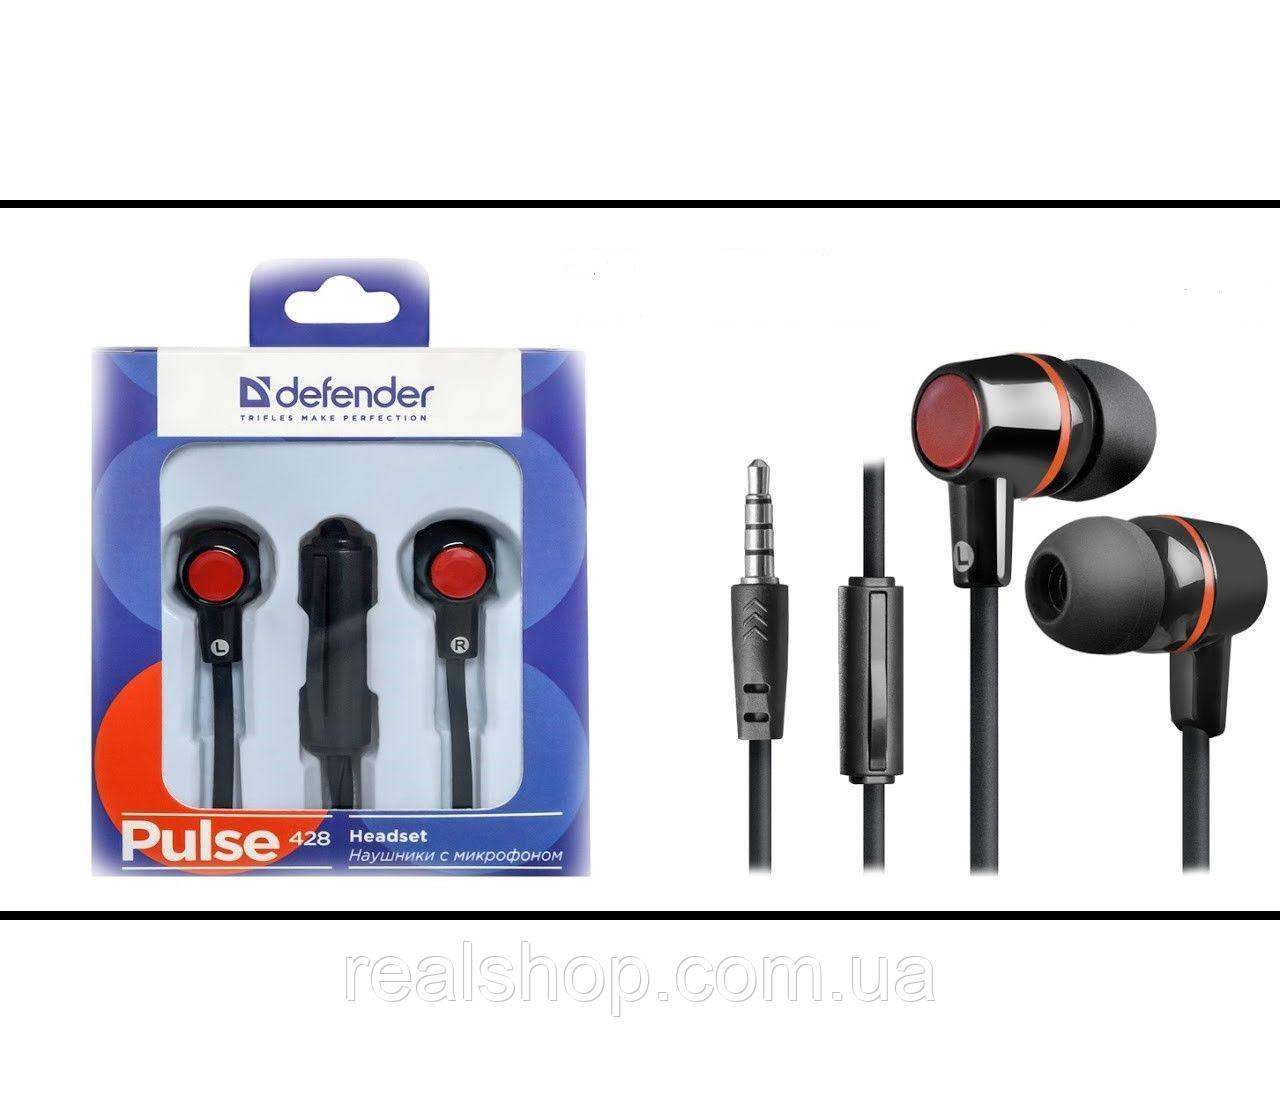 Defender Pulse 428 Black